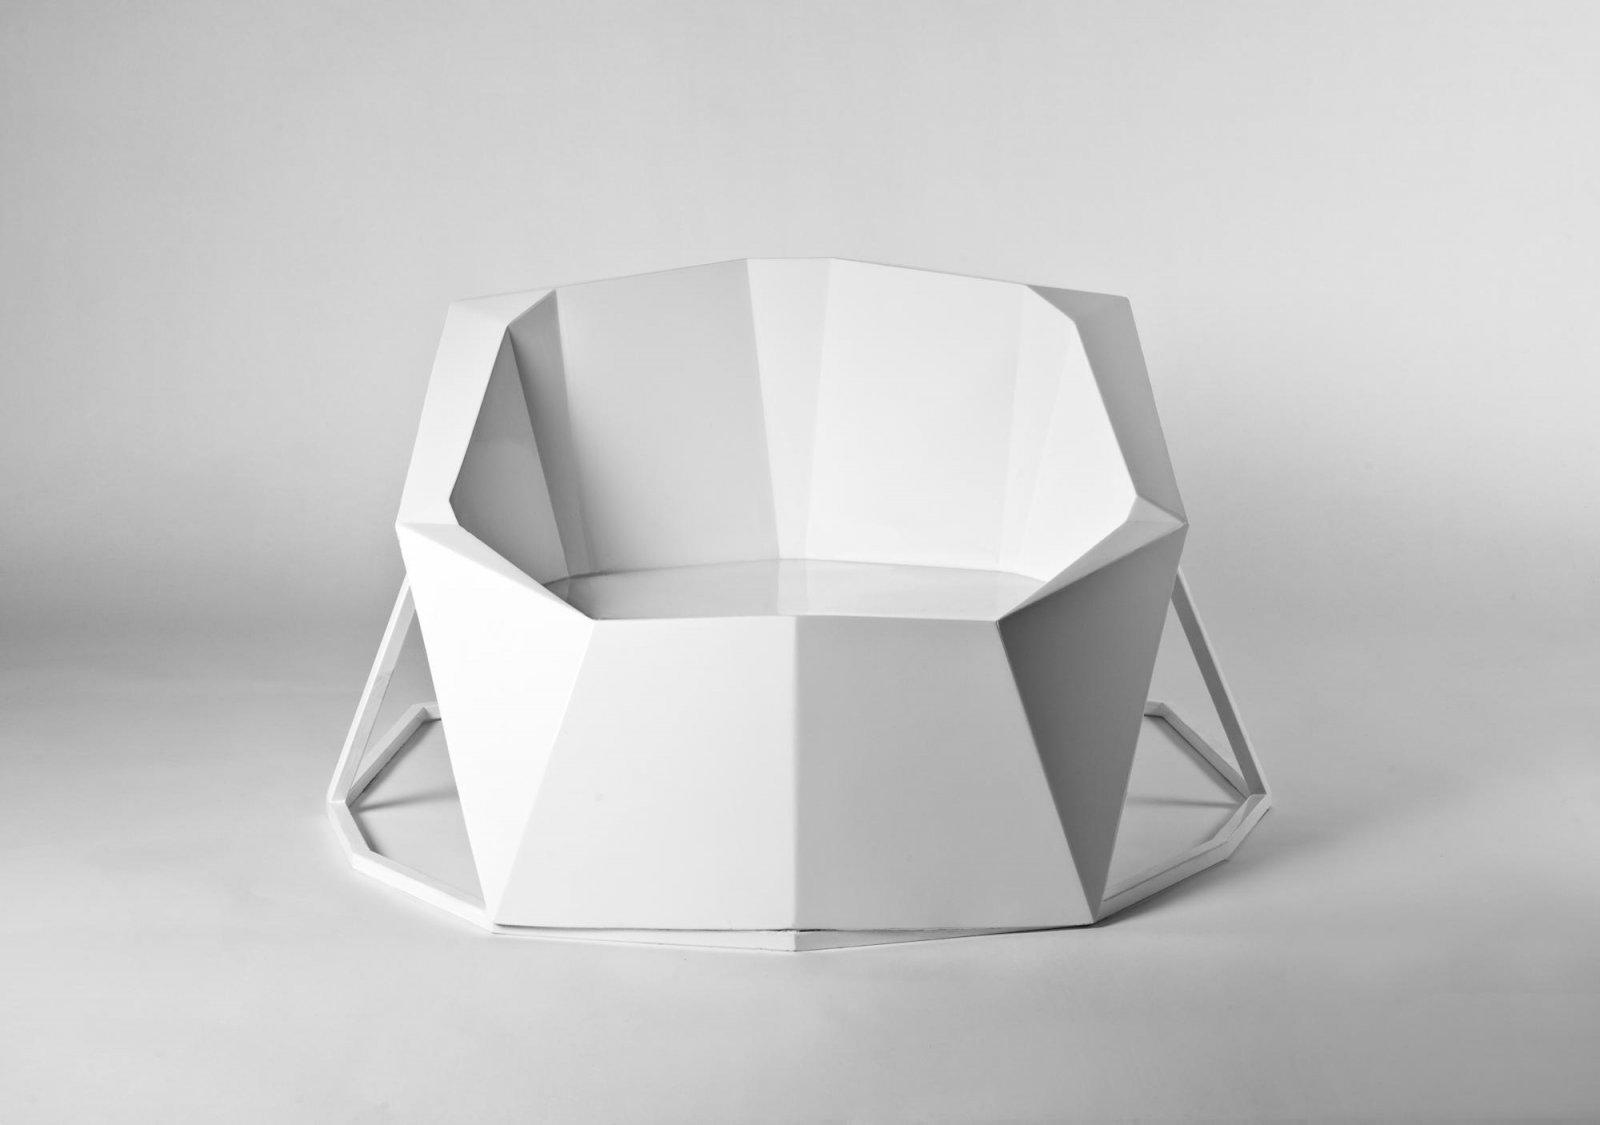 Muebles de dise o innovadores mut design decoraci n del for Muebles de diseno online outlet